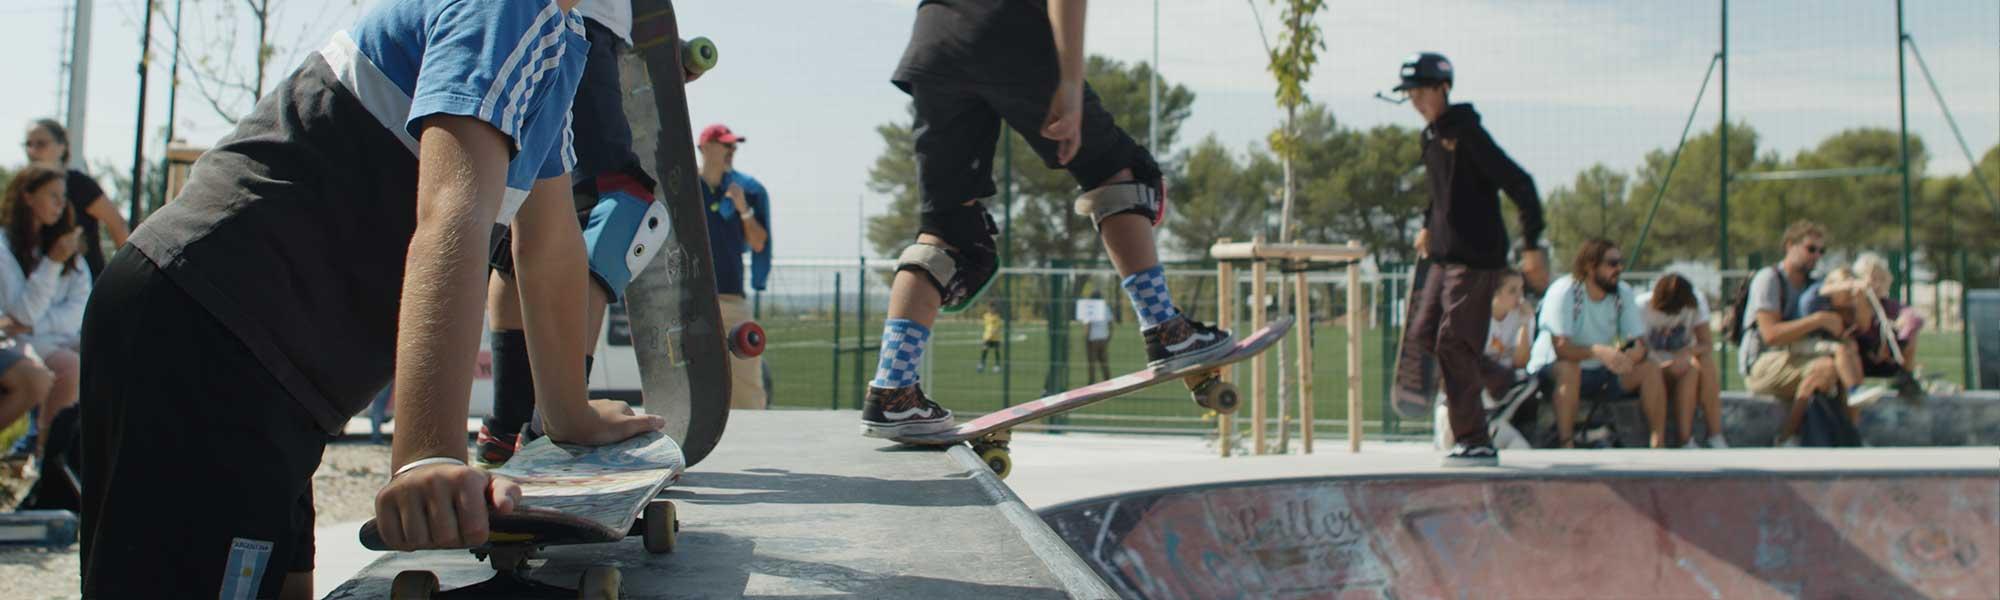 banner-contest-skate-trott-venelles-amscas-2021